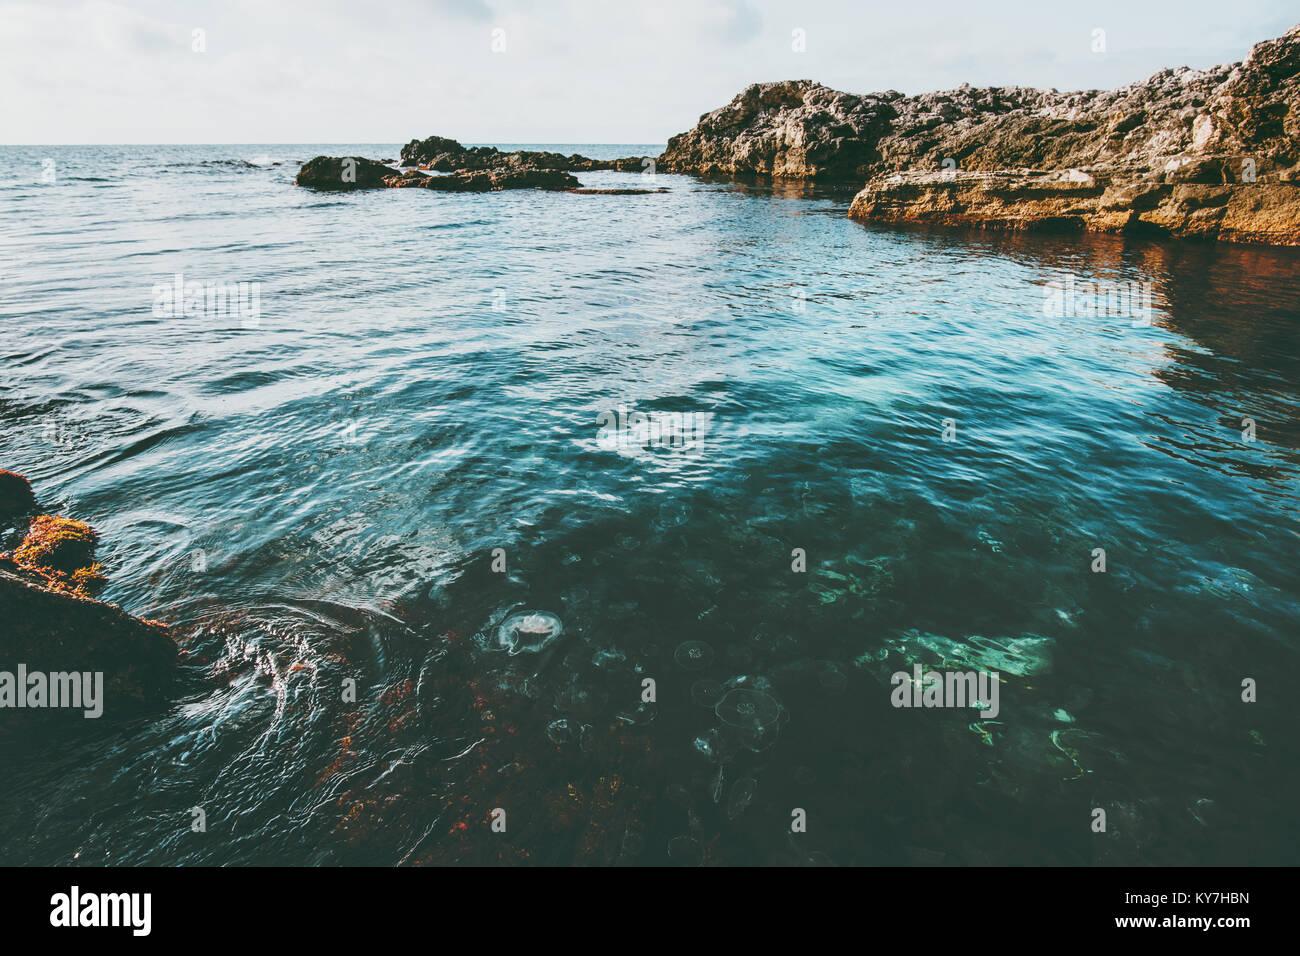 Il mare blu e la costa rocciosa del paesaggio idilliaco tranquilla Vista panoramica vacations travel Immagini Stock